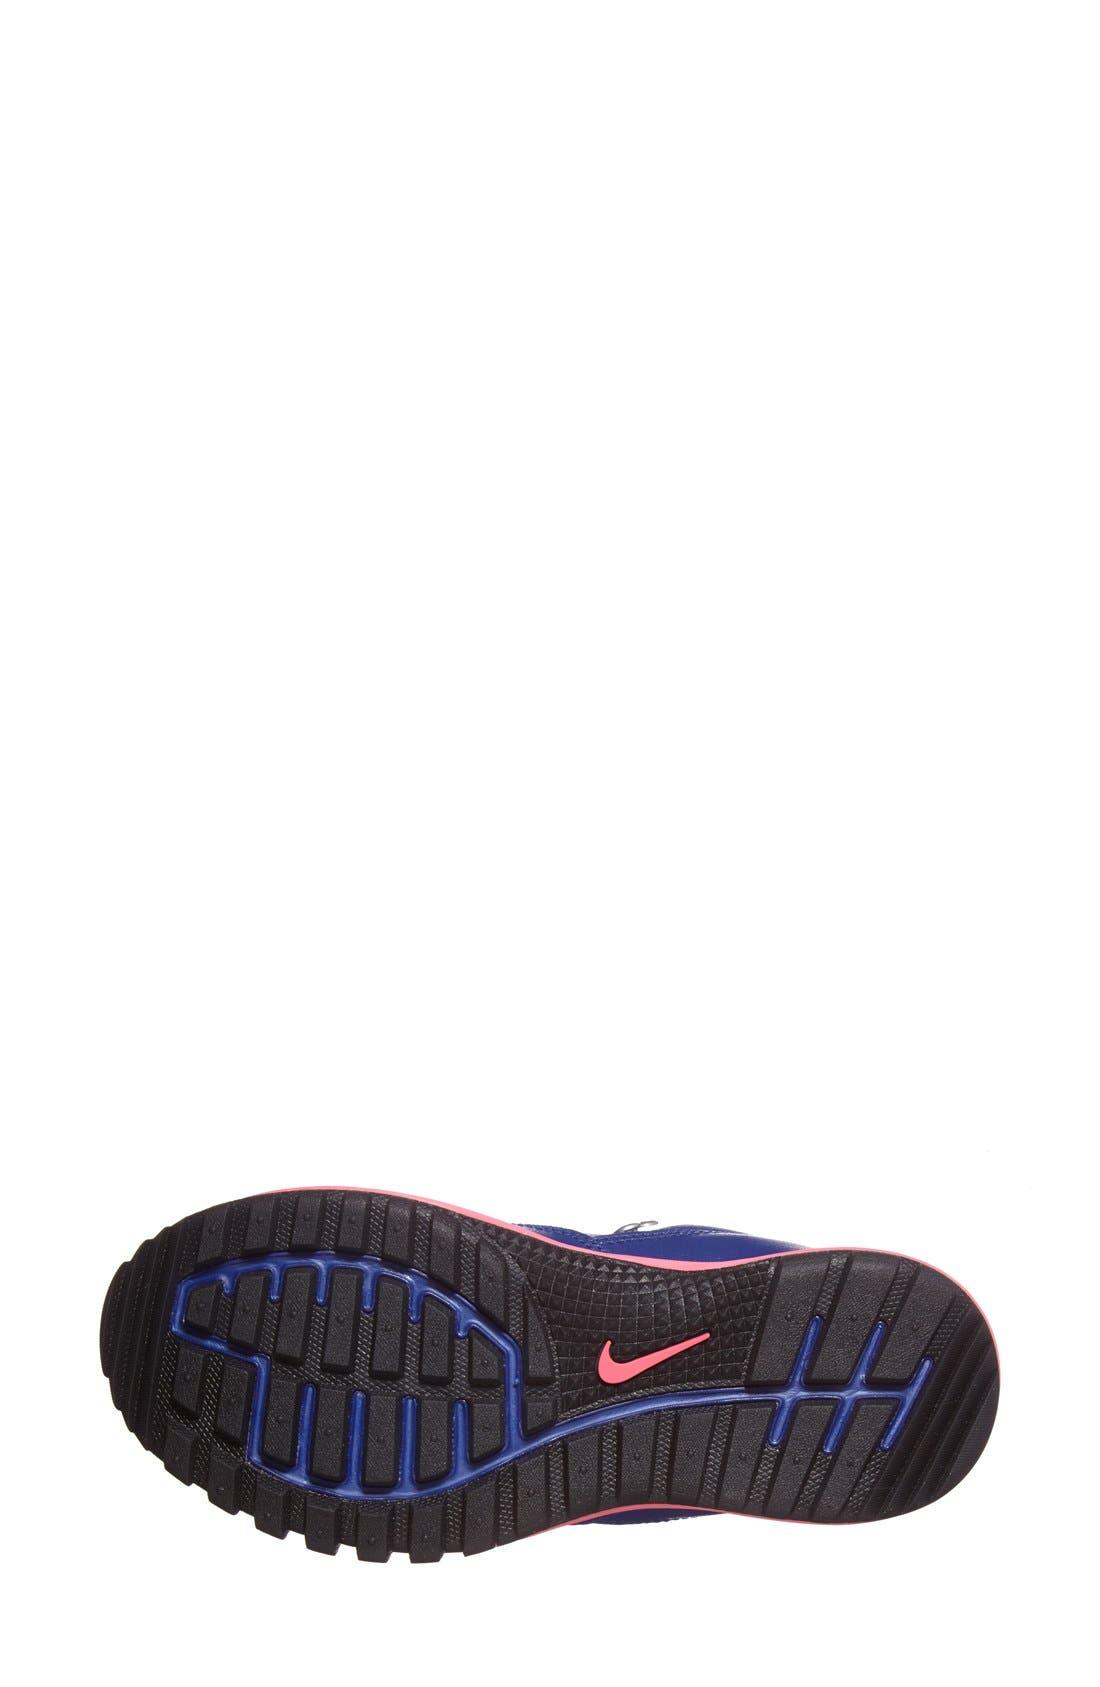 Alternate Image 4  - Nike 'Dual Fusion Hills Mid' Walking Shoe (Women)